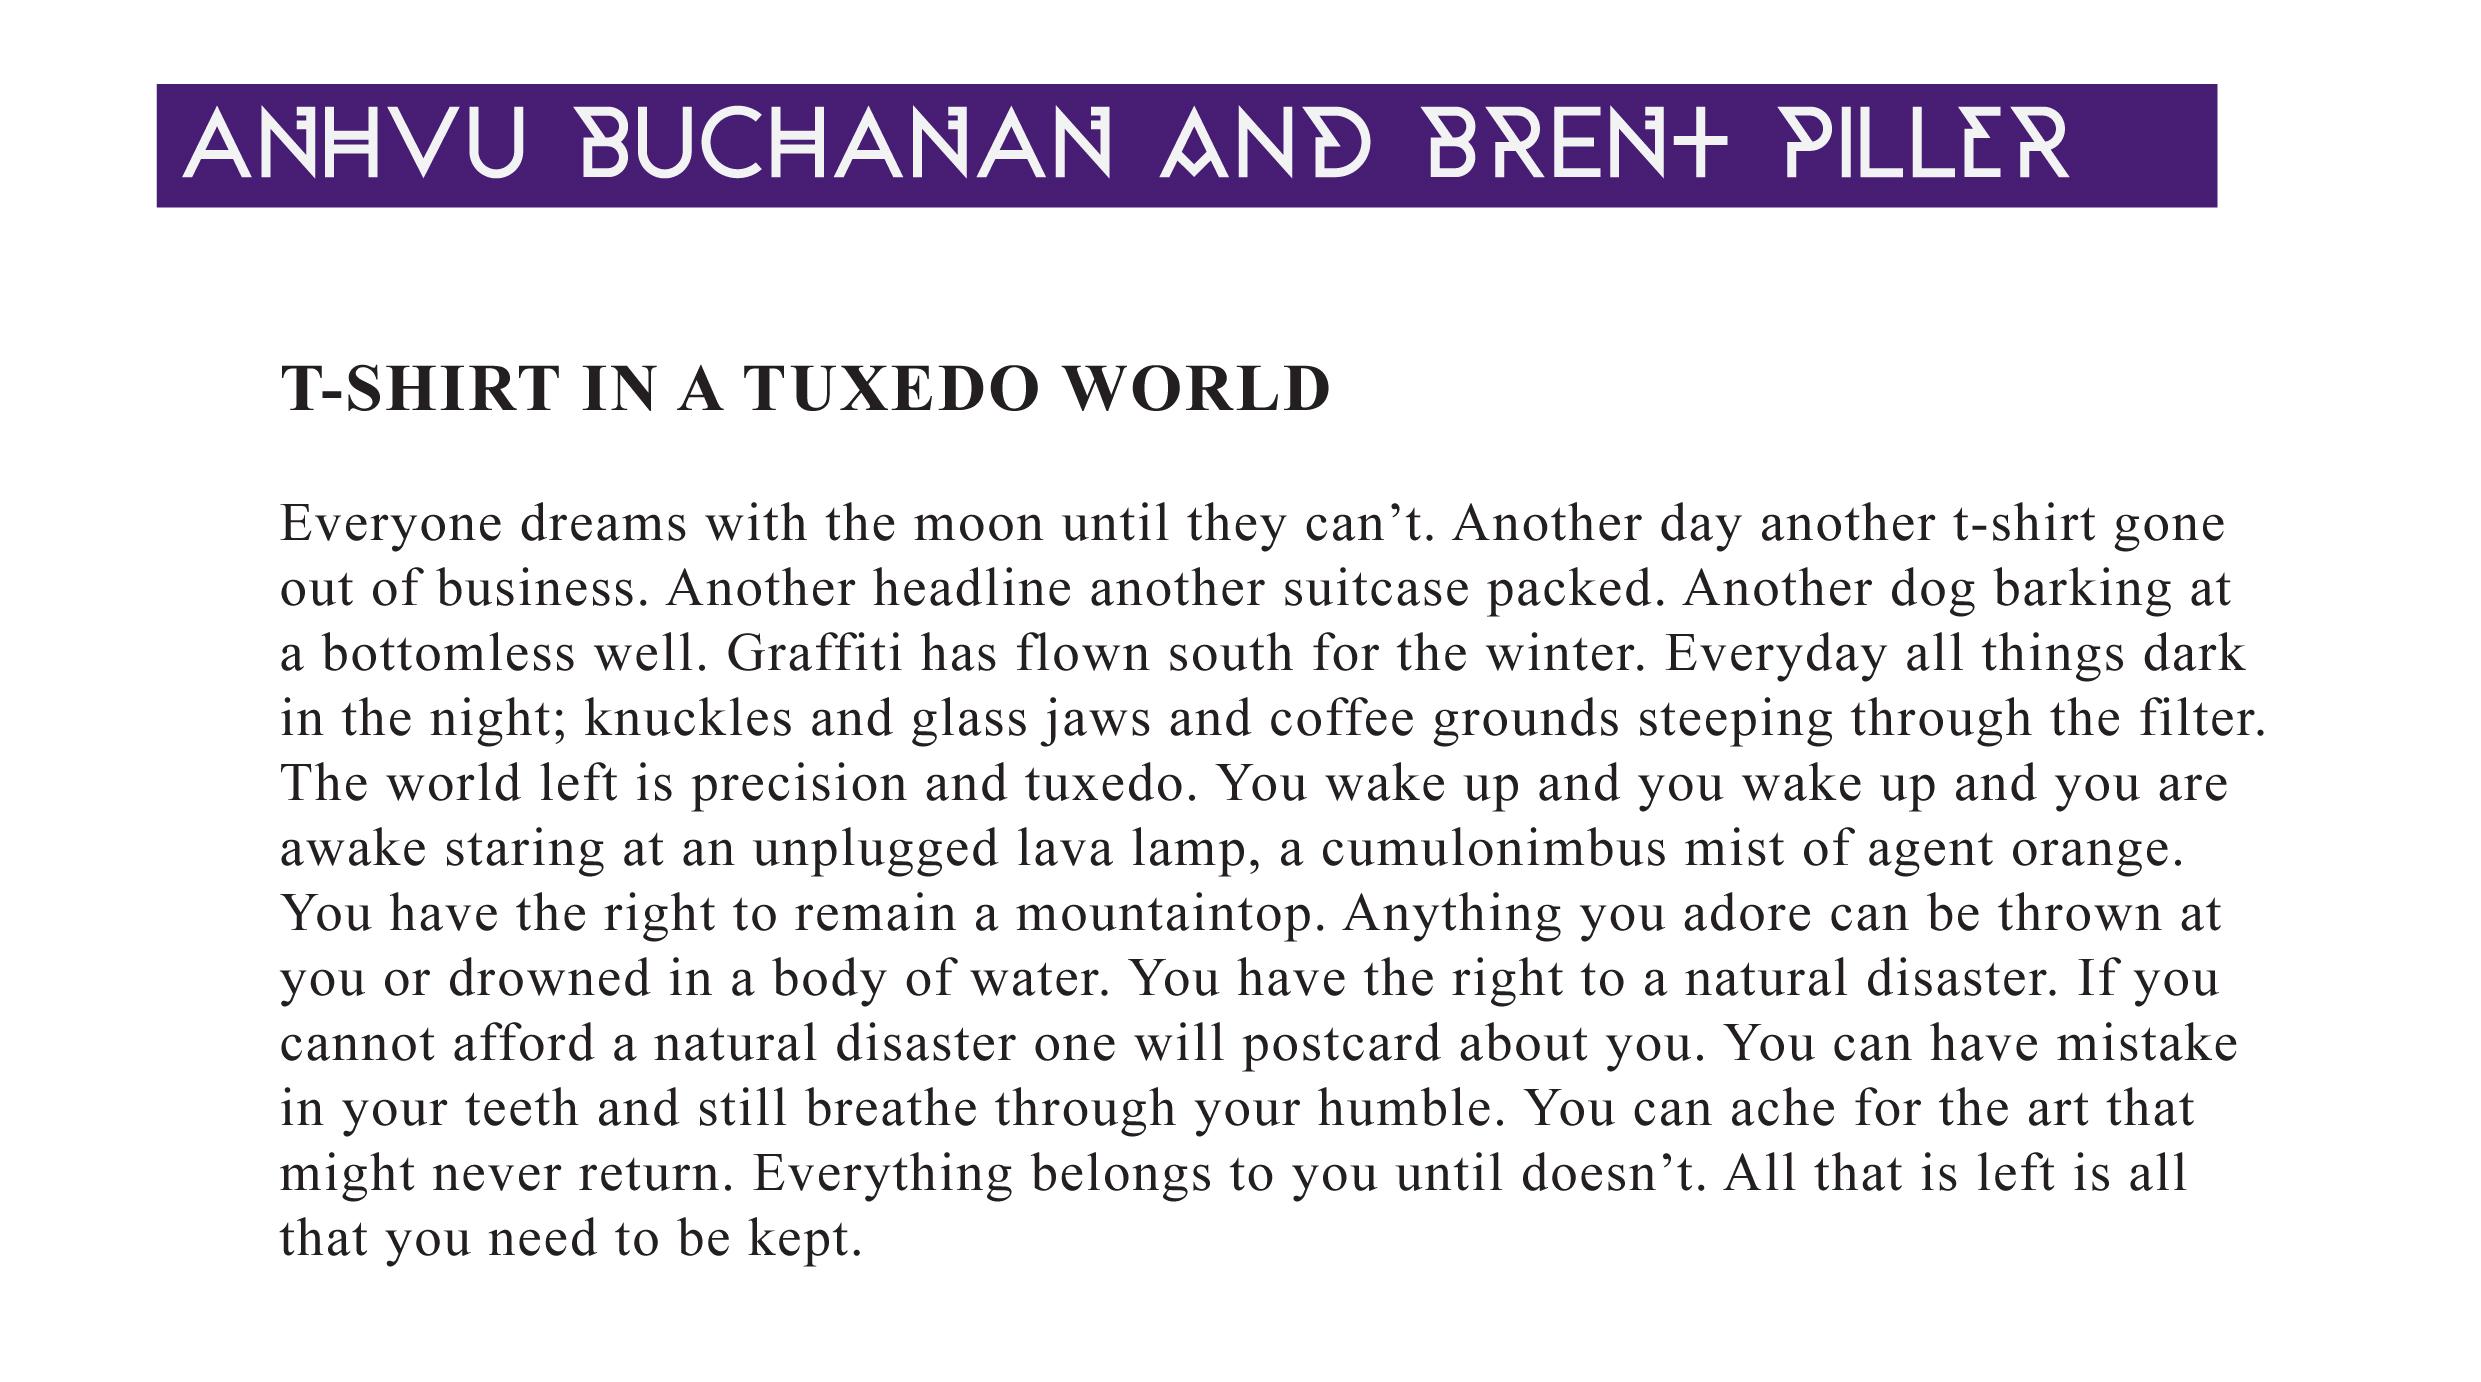 Buchanan and Piller 1.jpg